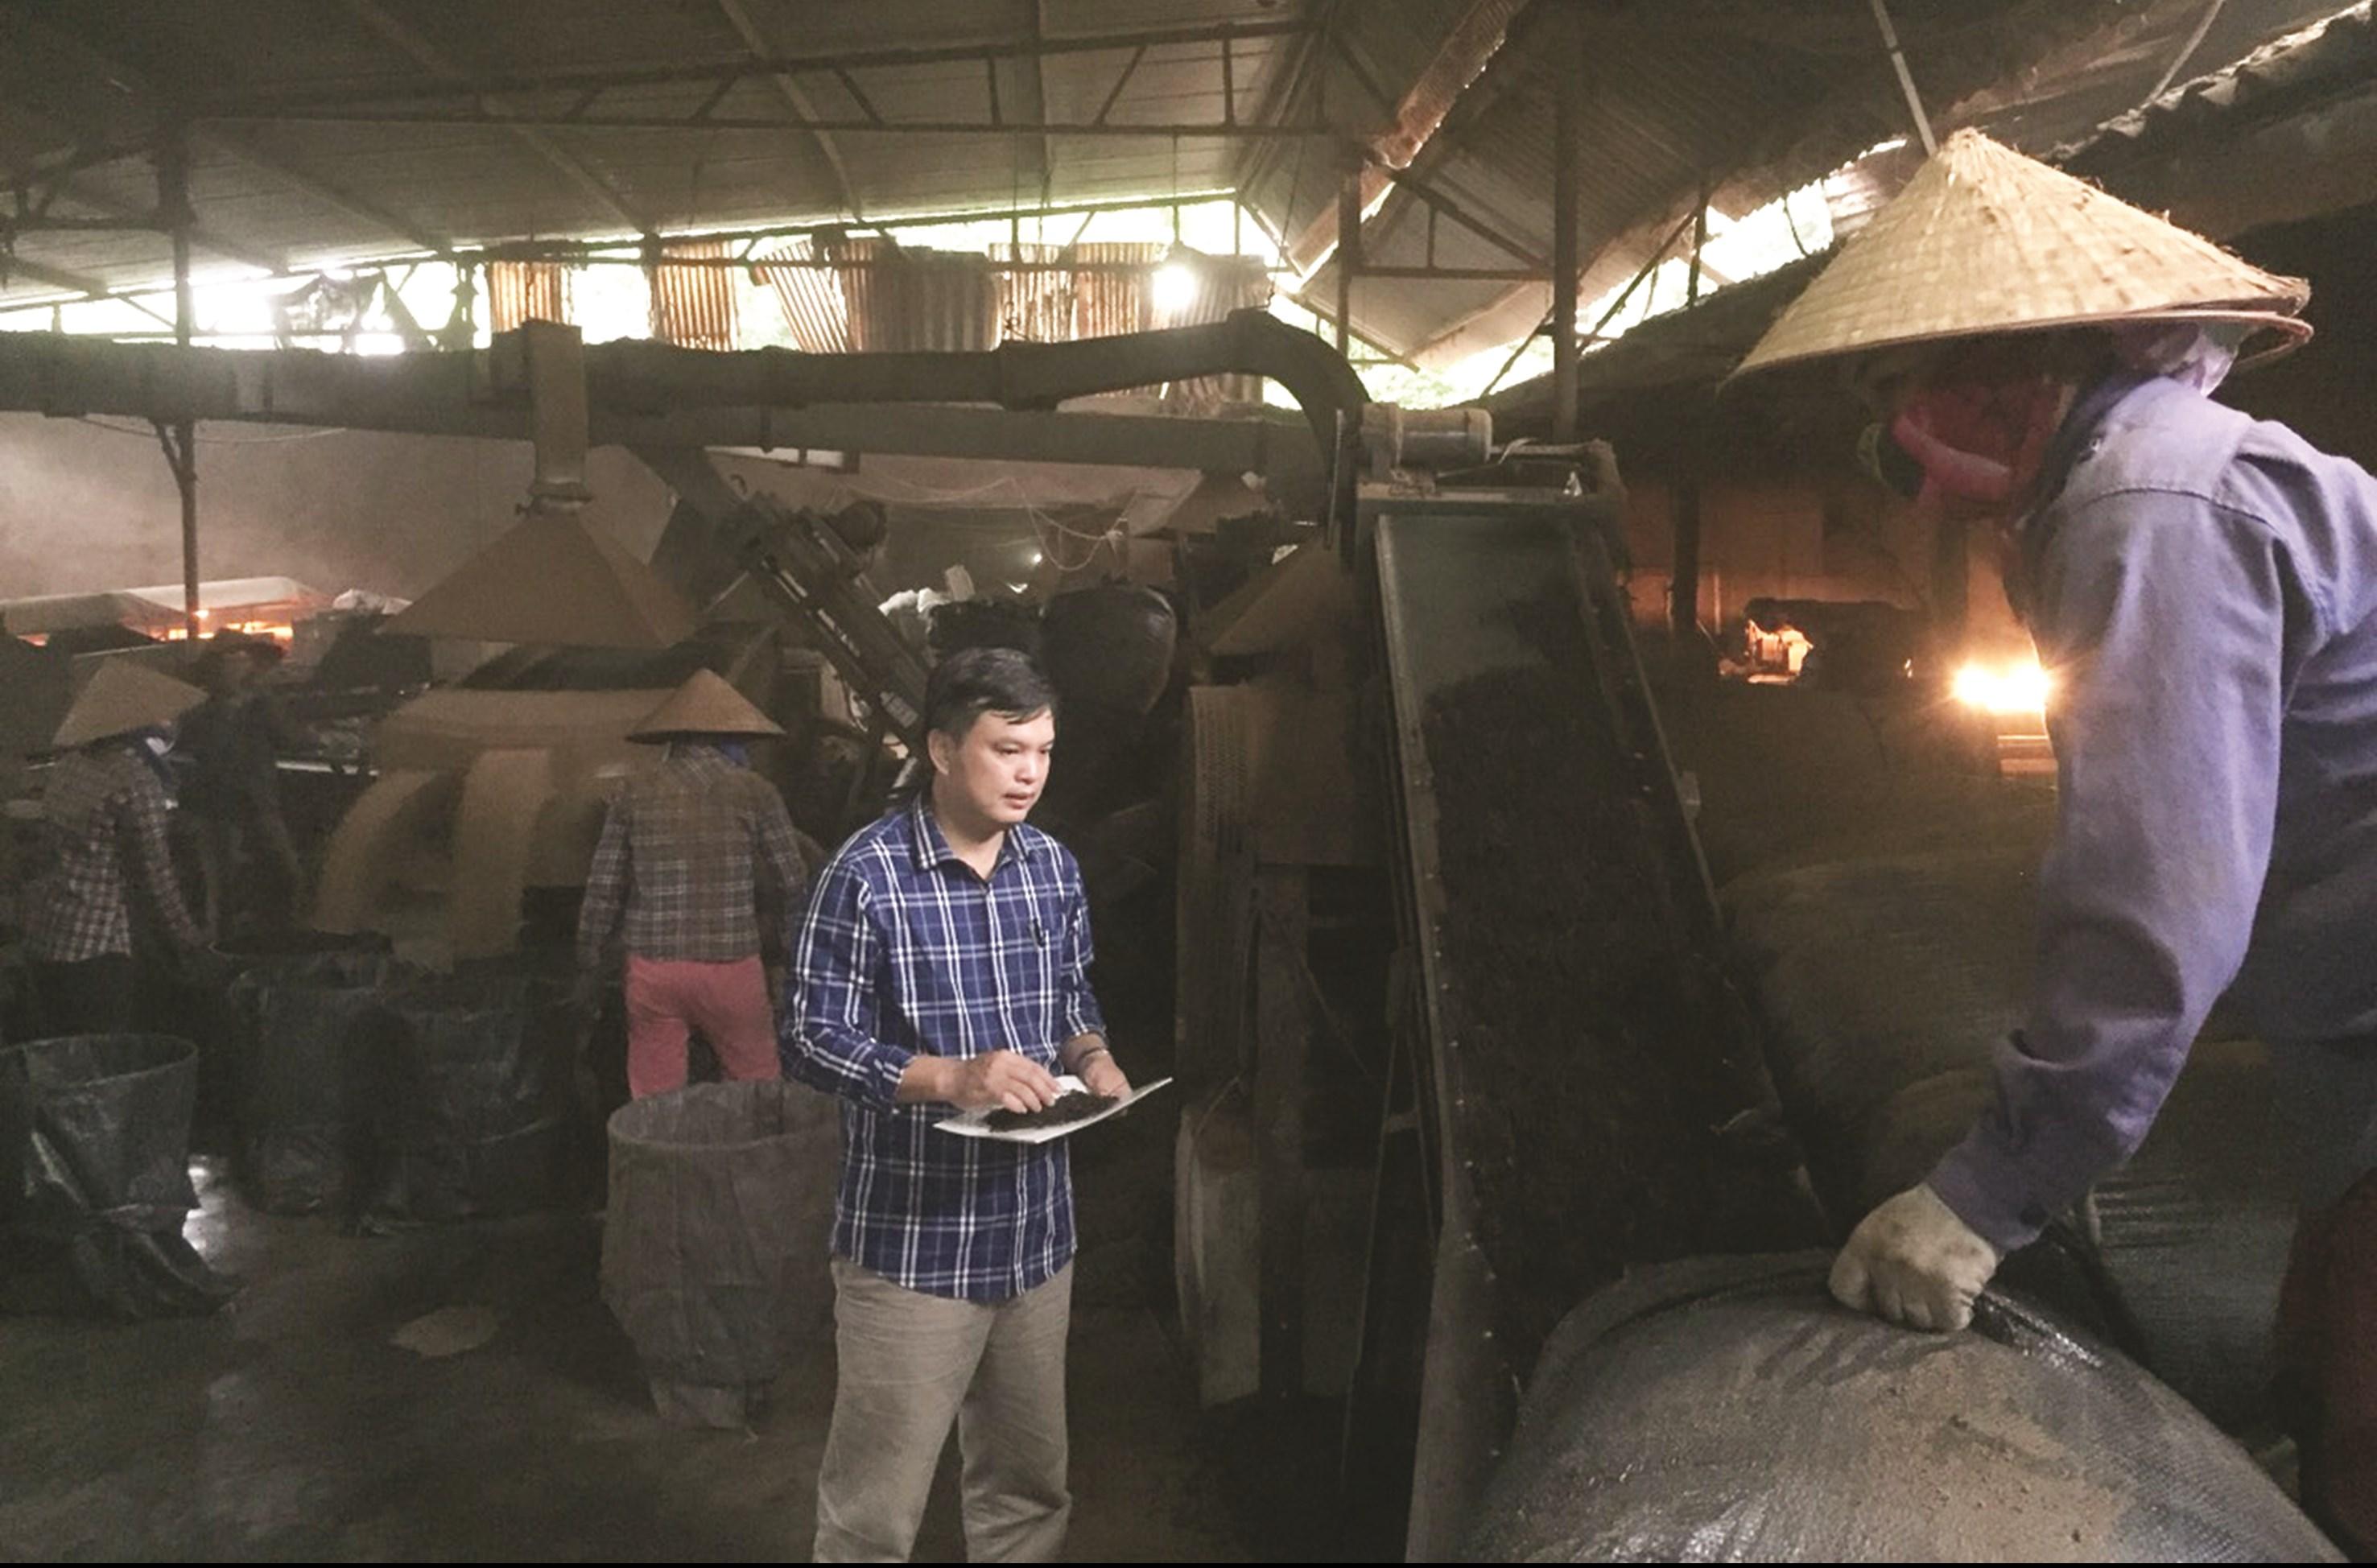 Giám đốc Liễu Ngọc Nam kiểm tra sản phẩm chè tại xưởng sản xuất của Công ty.